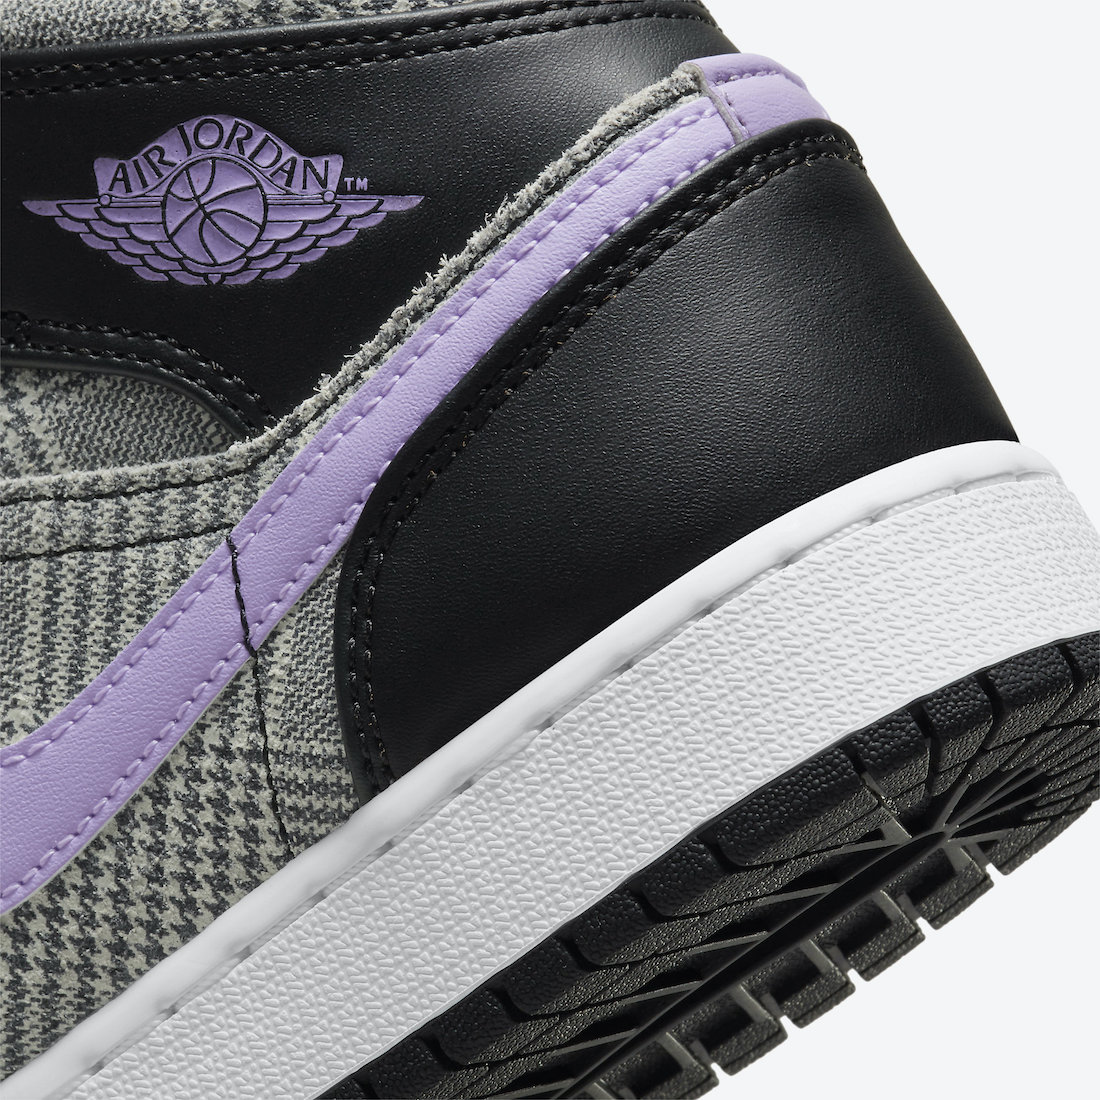 Air Jordan 1 Low,Air Jordan 1  附赠特别鞋带扣!两款「英伦风」AJ1 首次曝光!